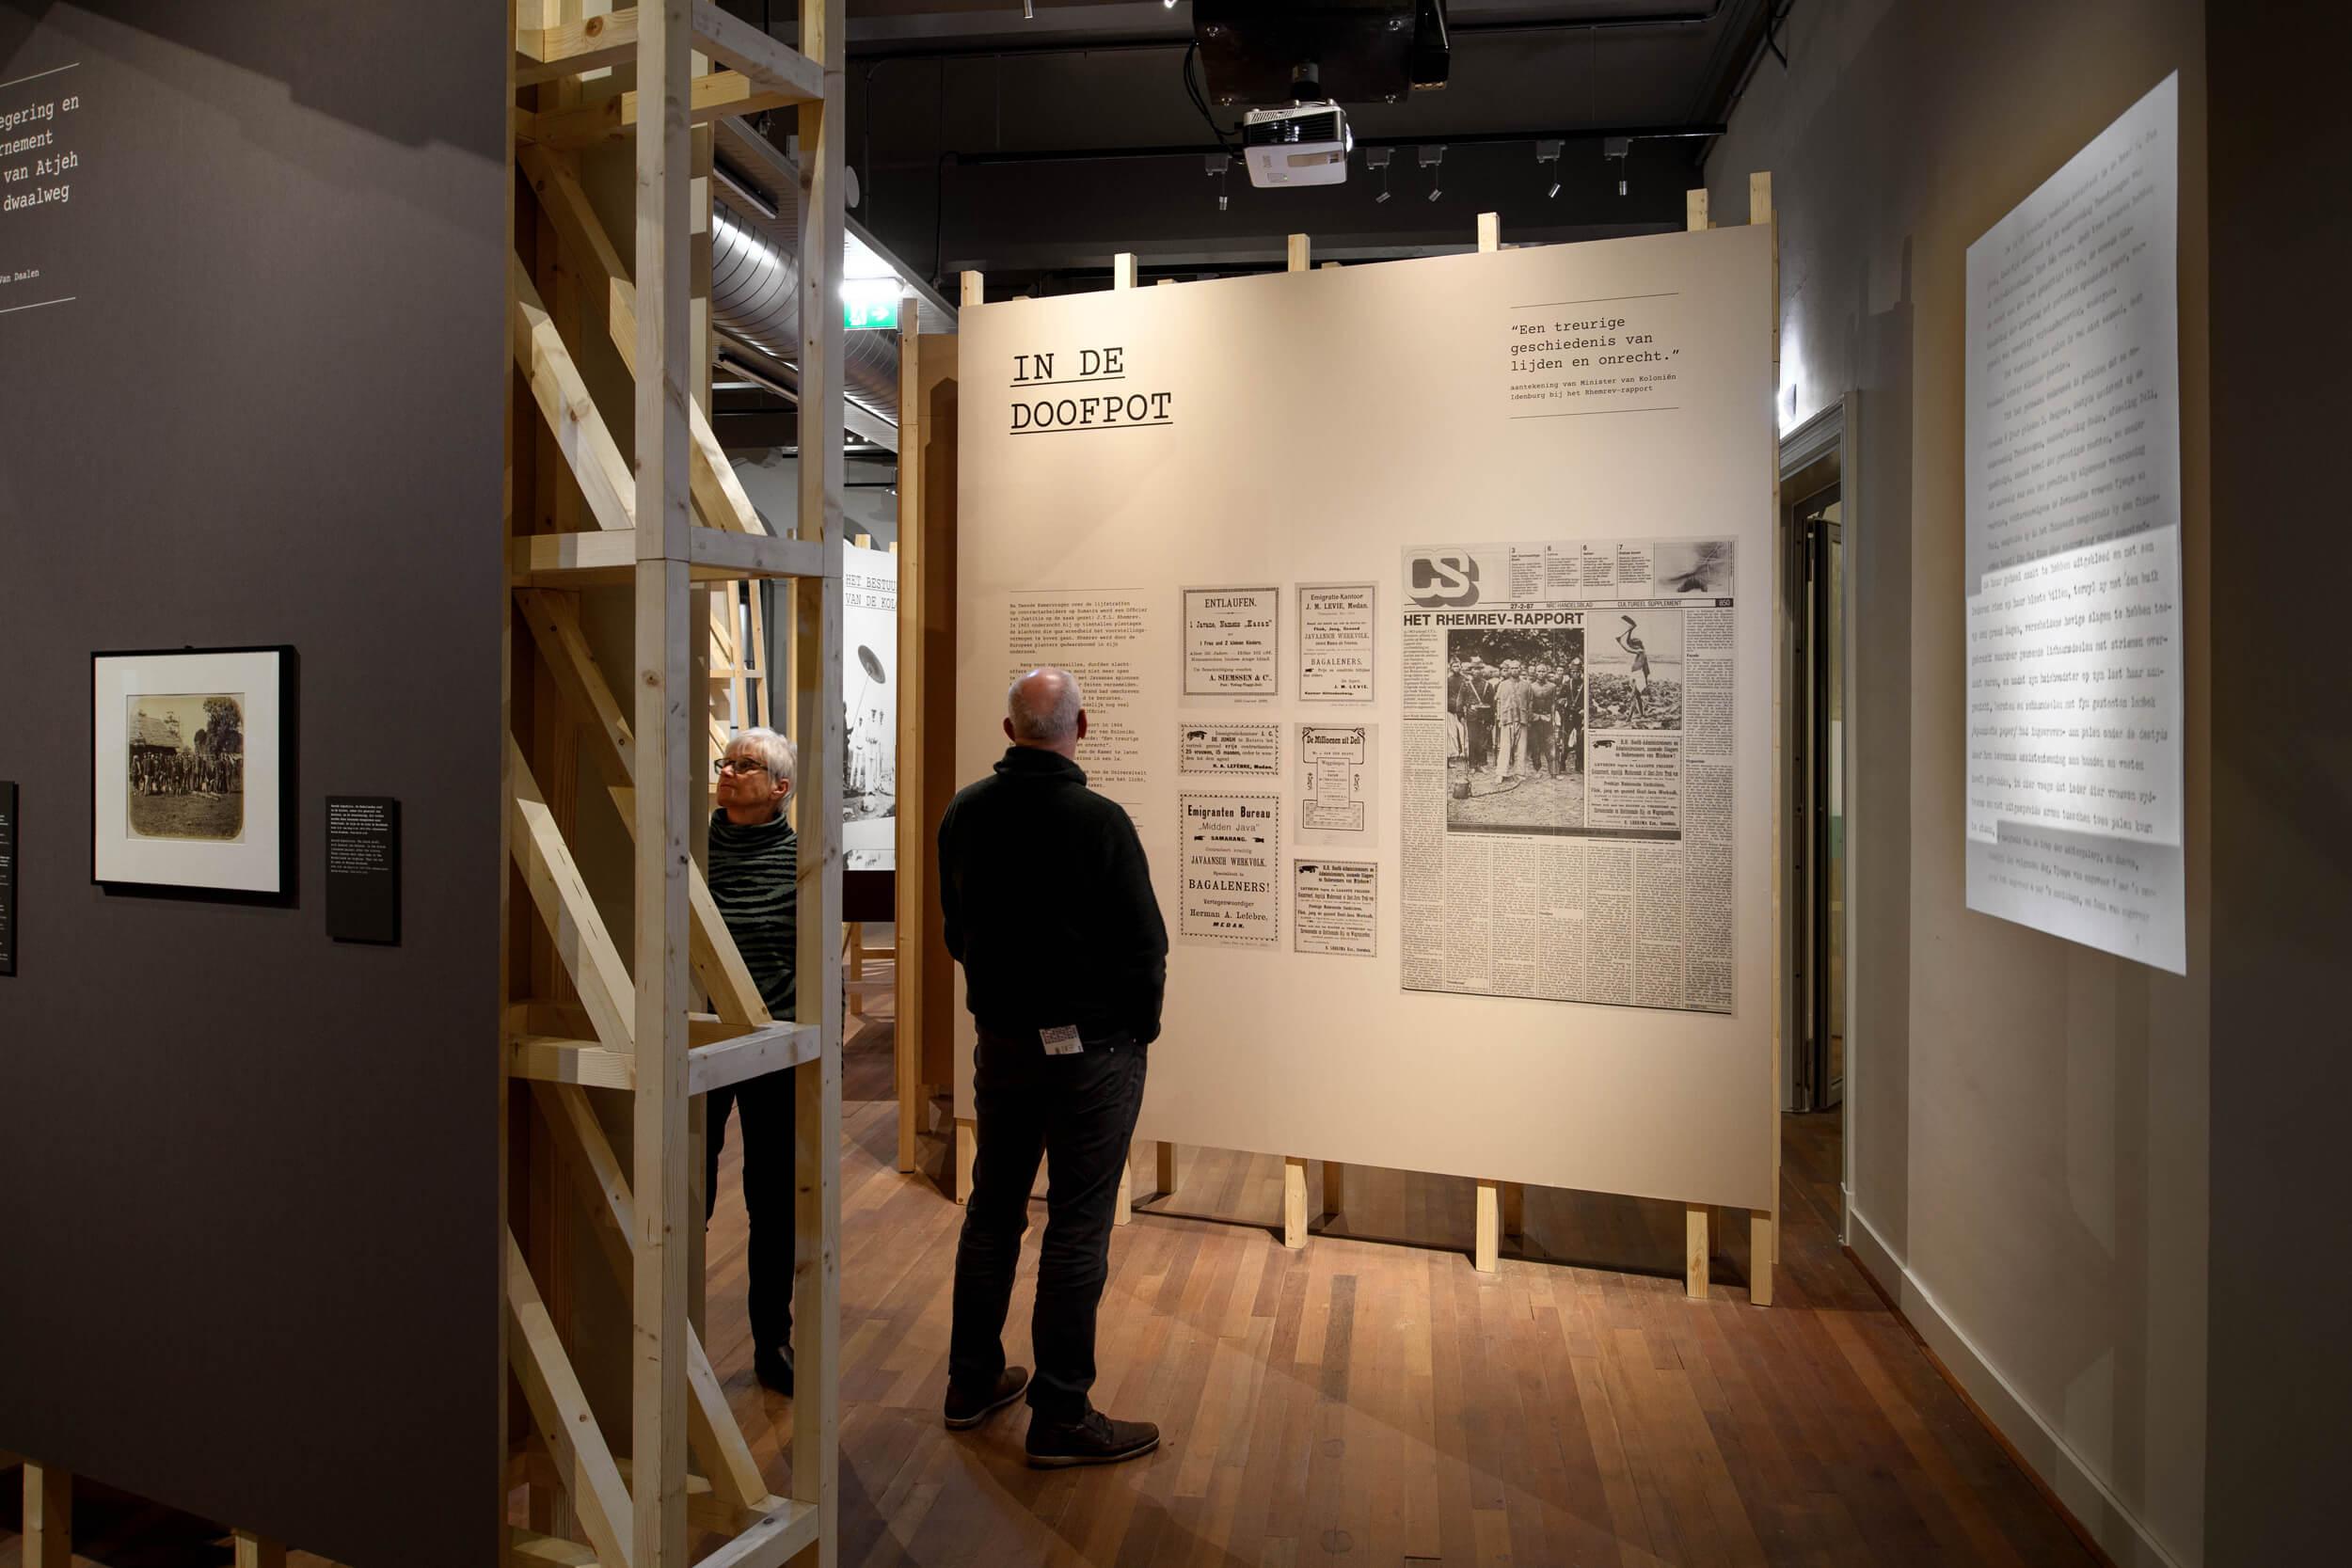 tentoonstellingsontwerp dossier indie wereldmuseum 8 jpg